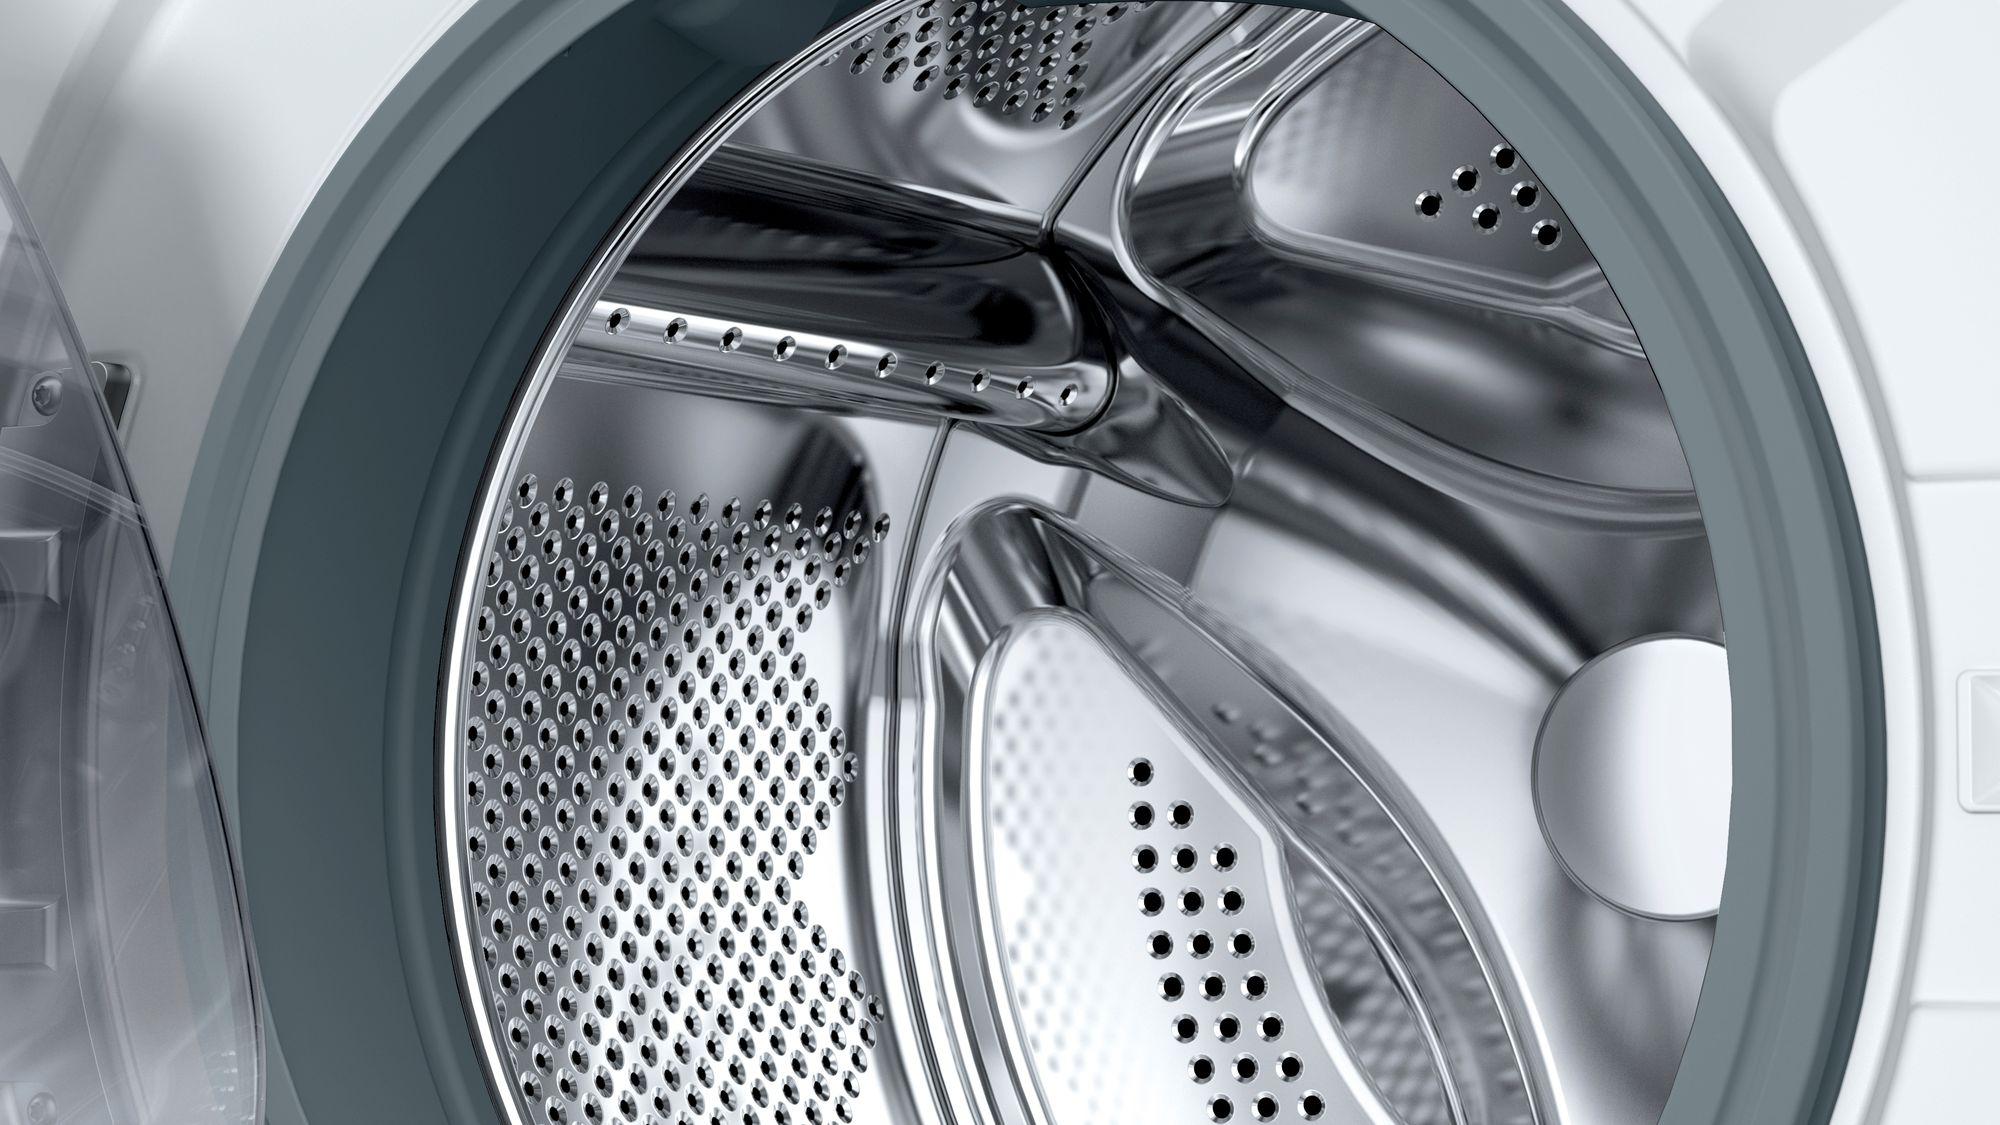 bęben pralki firmy Bosch